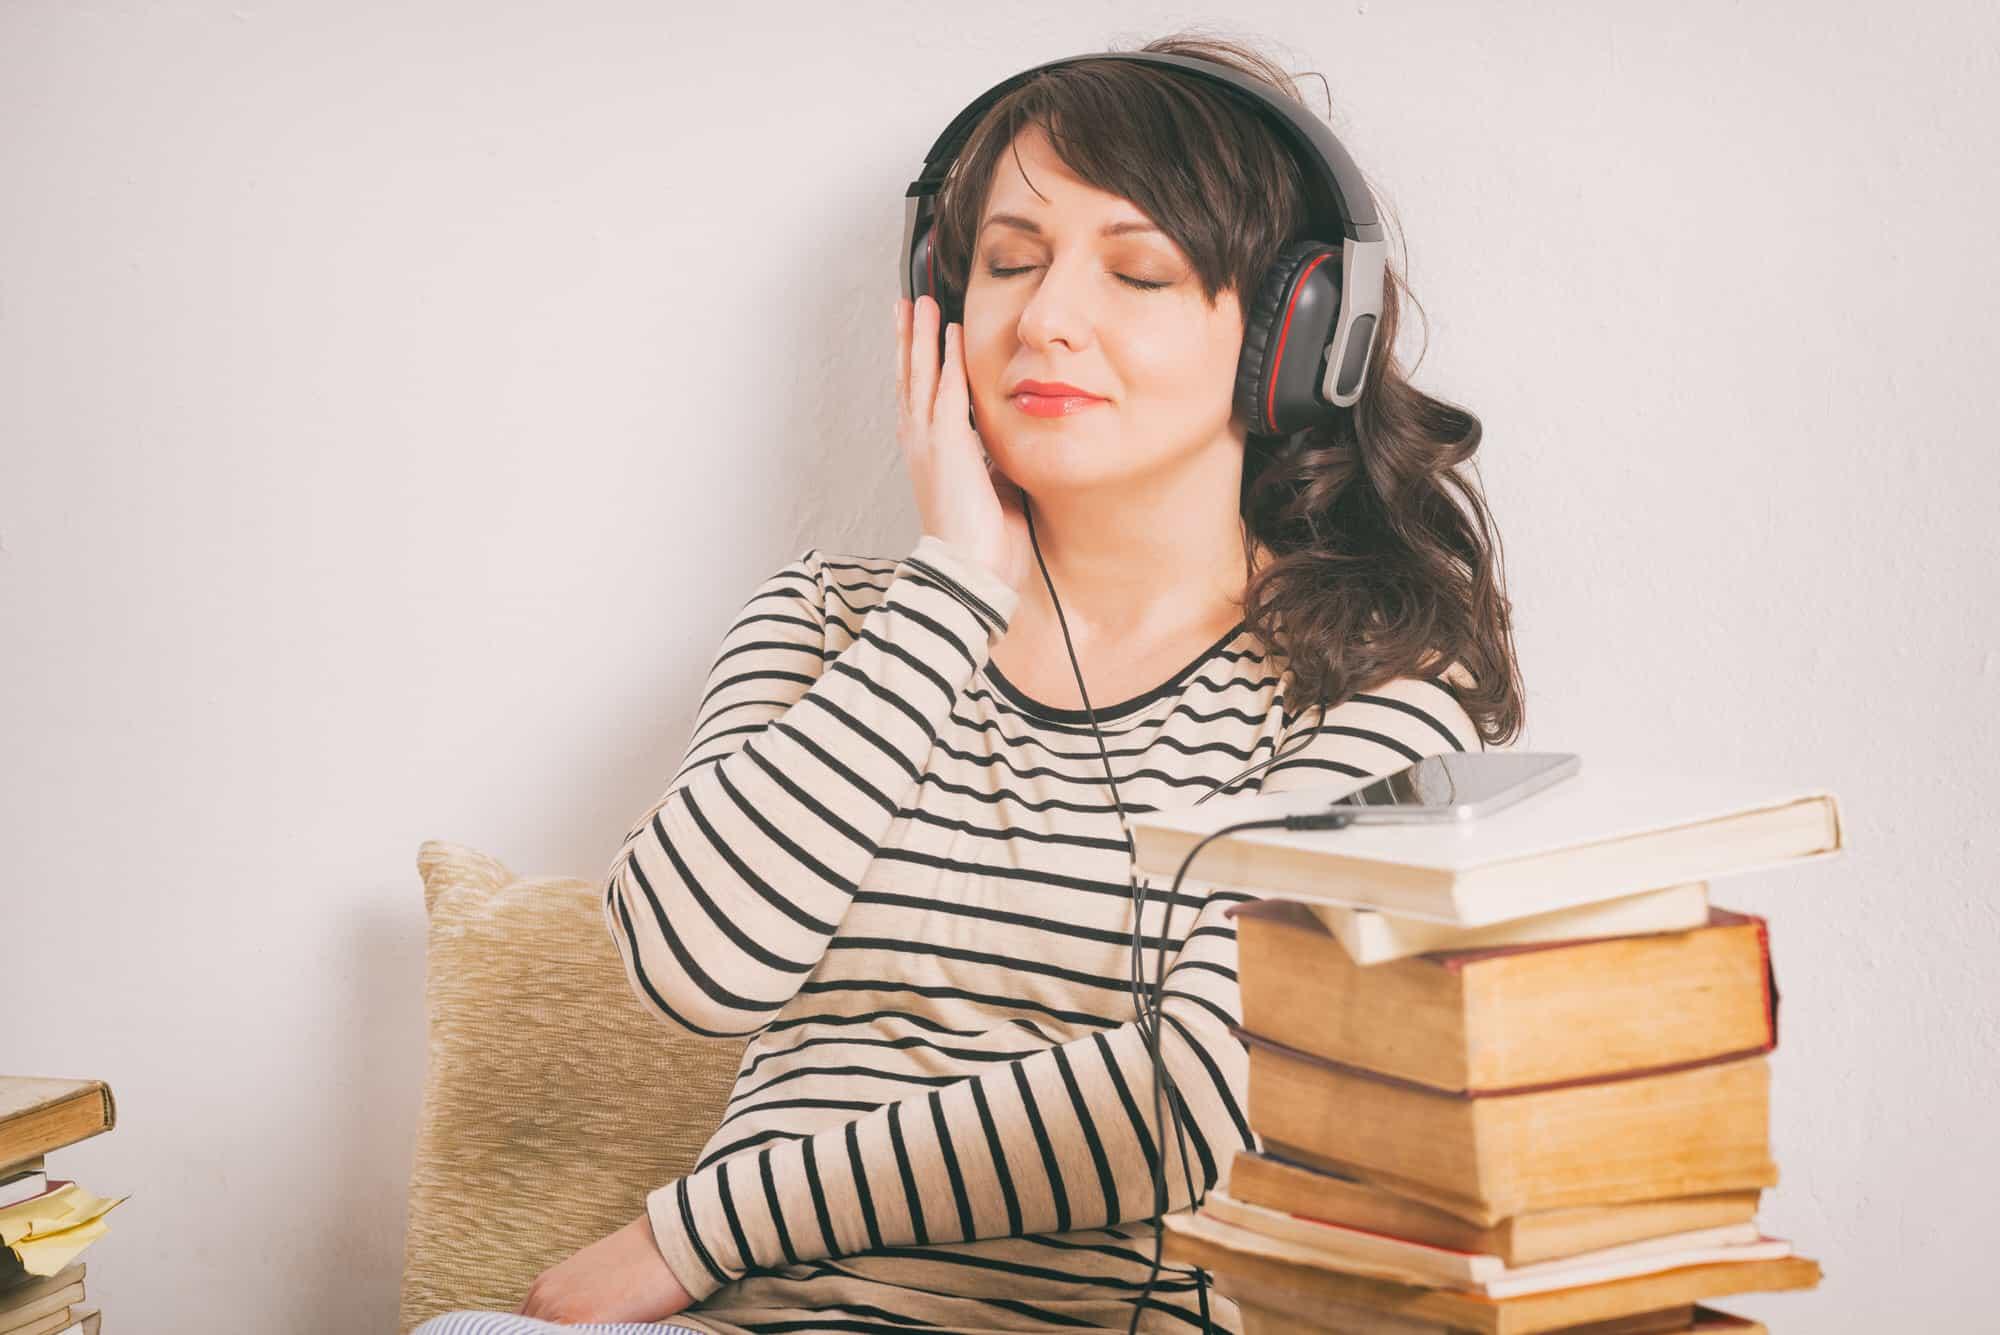 Hörbücher - ein gemütlicher Zeitvertreib für die ganze Familie